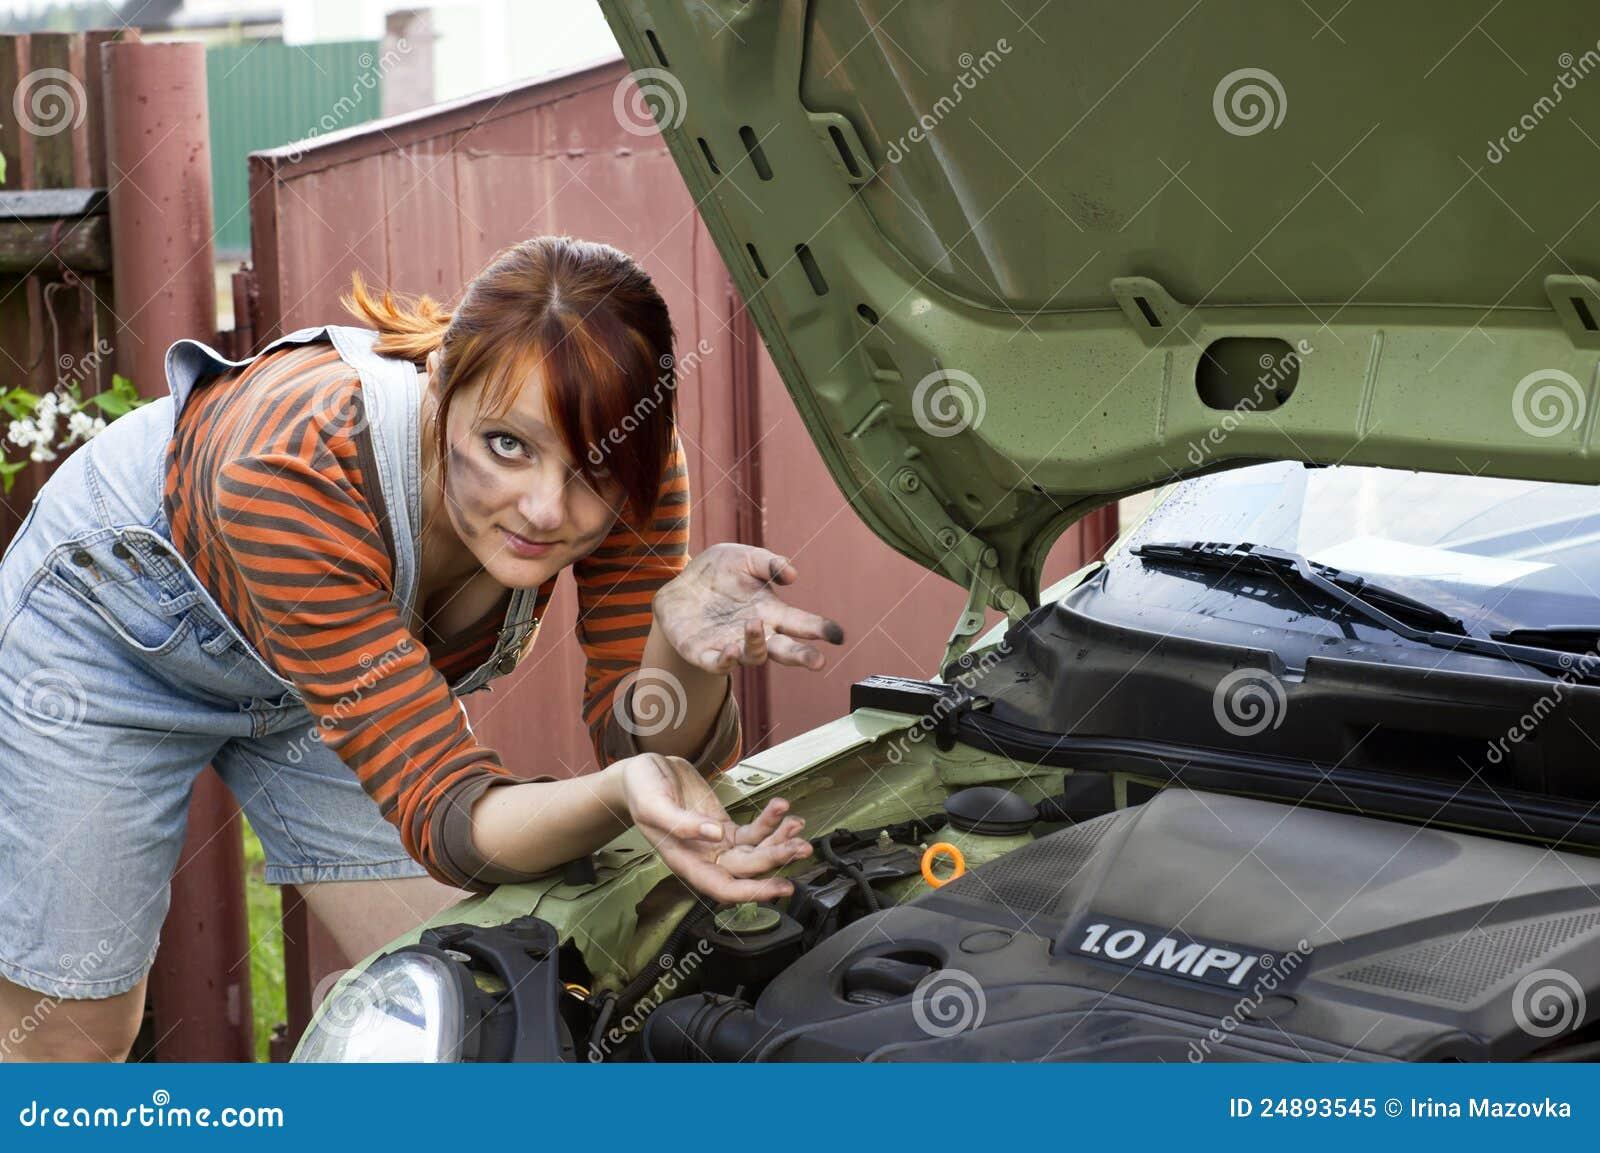 Smeared girl near the car